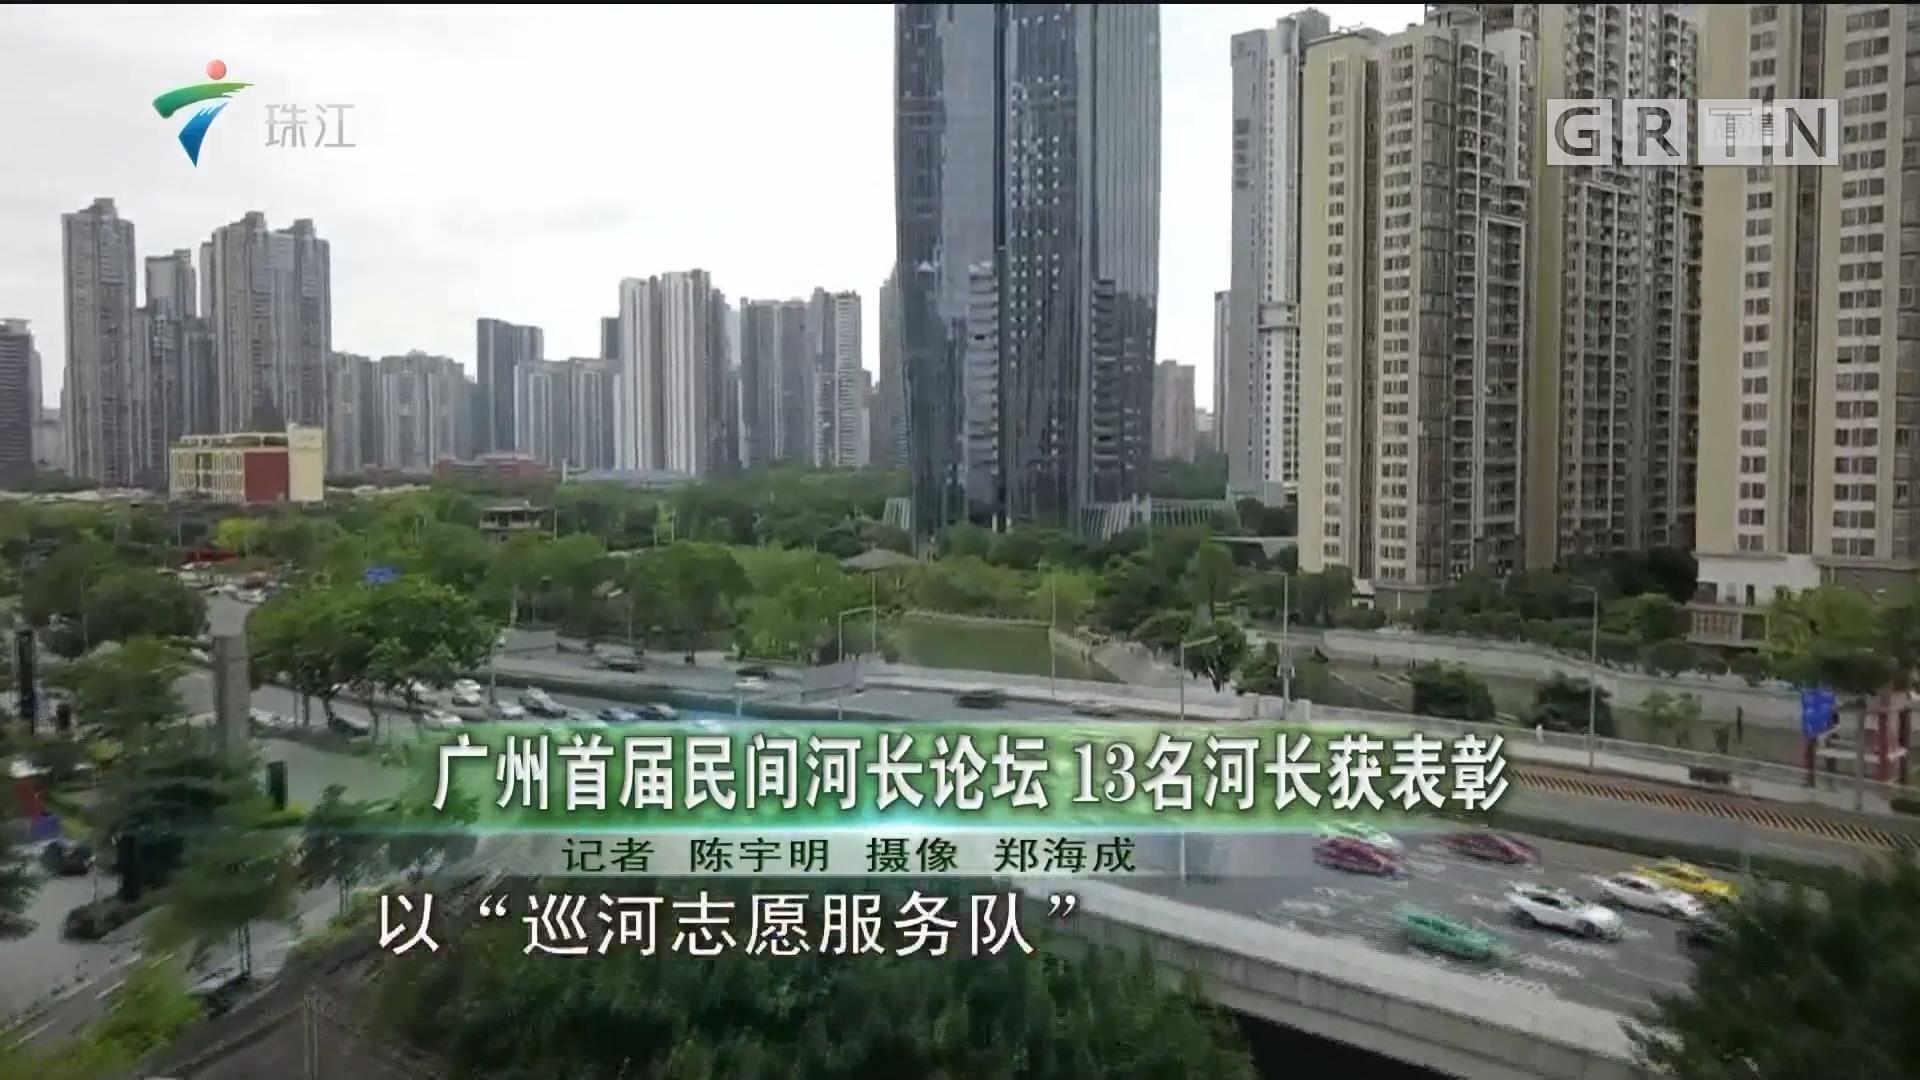 广州首届民间河长论坛 13名河长获表彰